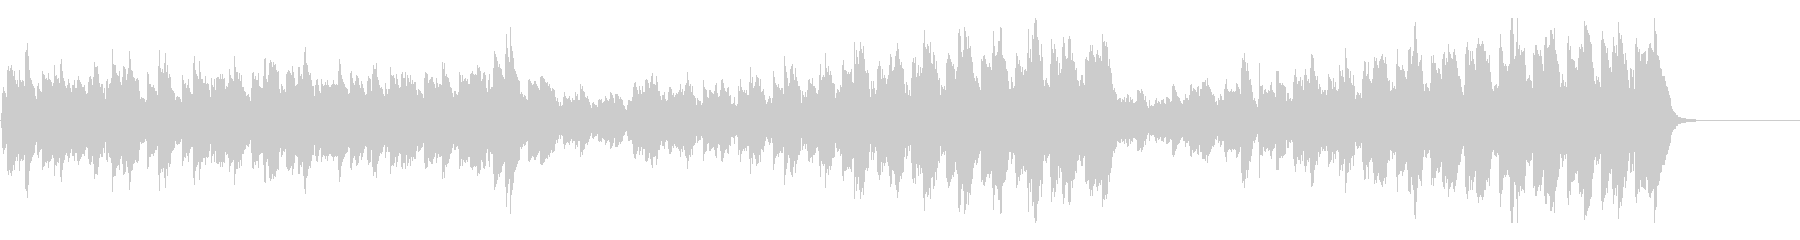 シューマン 気ままで快活なピアノ曲高音質の未再生の波形